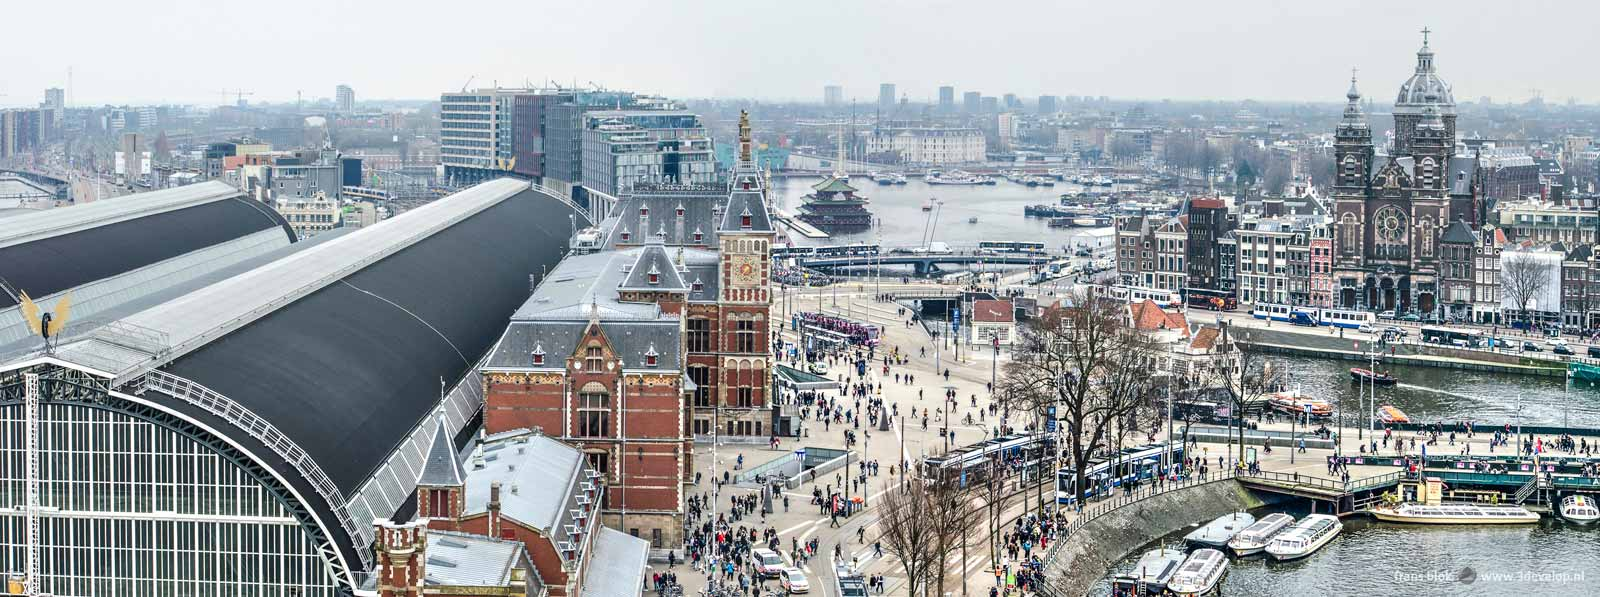 Panoramisch beeld van het Centraal Station in Amsterdam en het stationsplein.